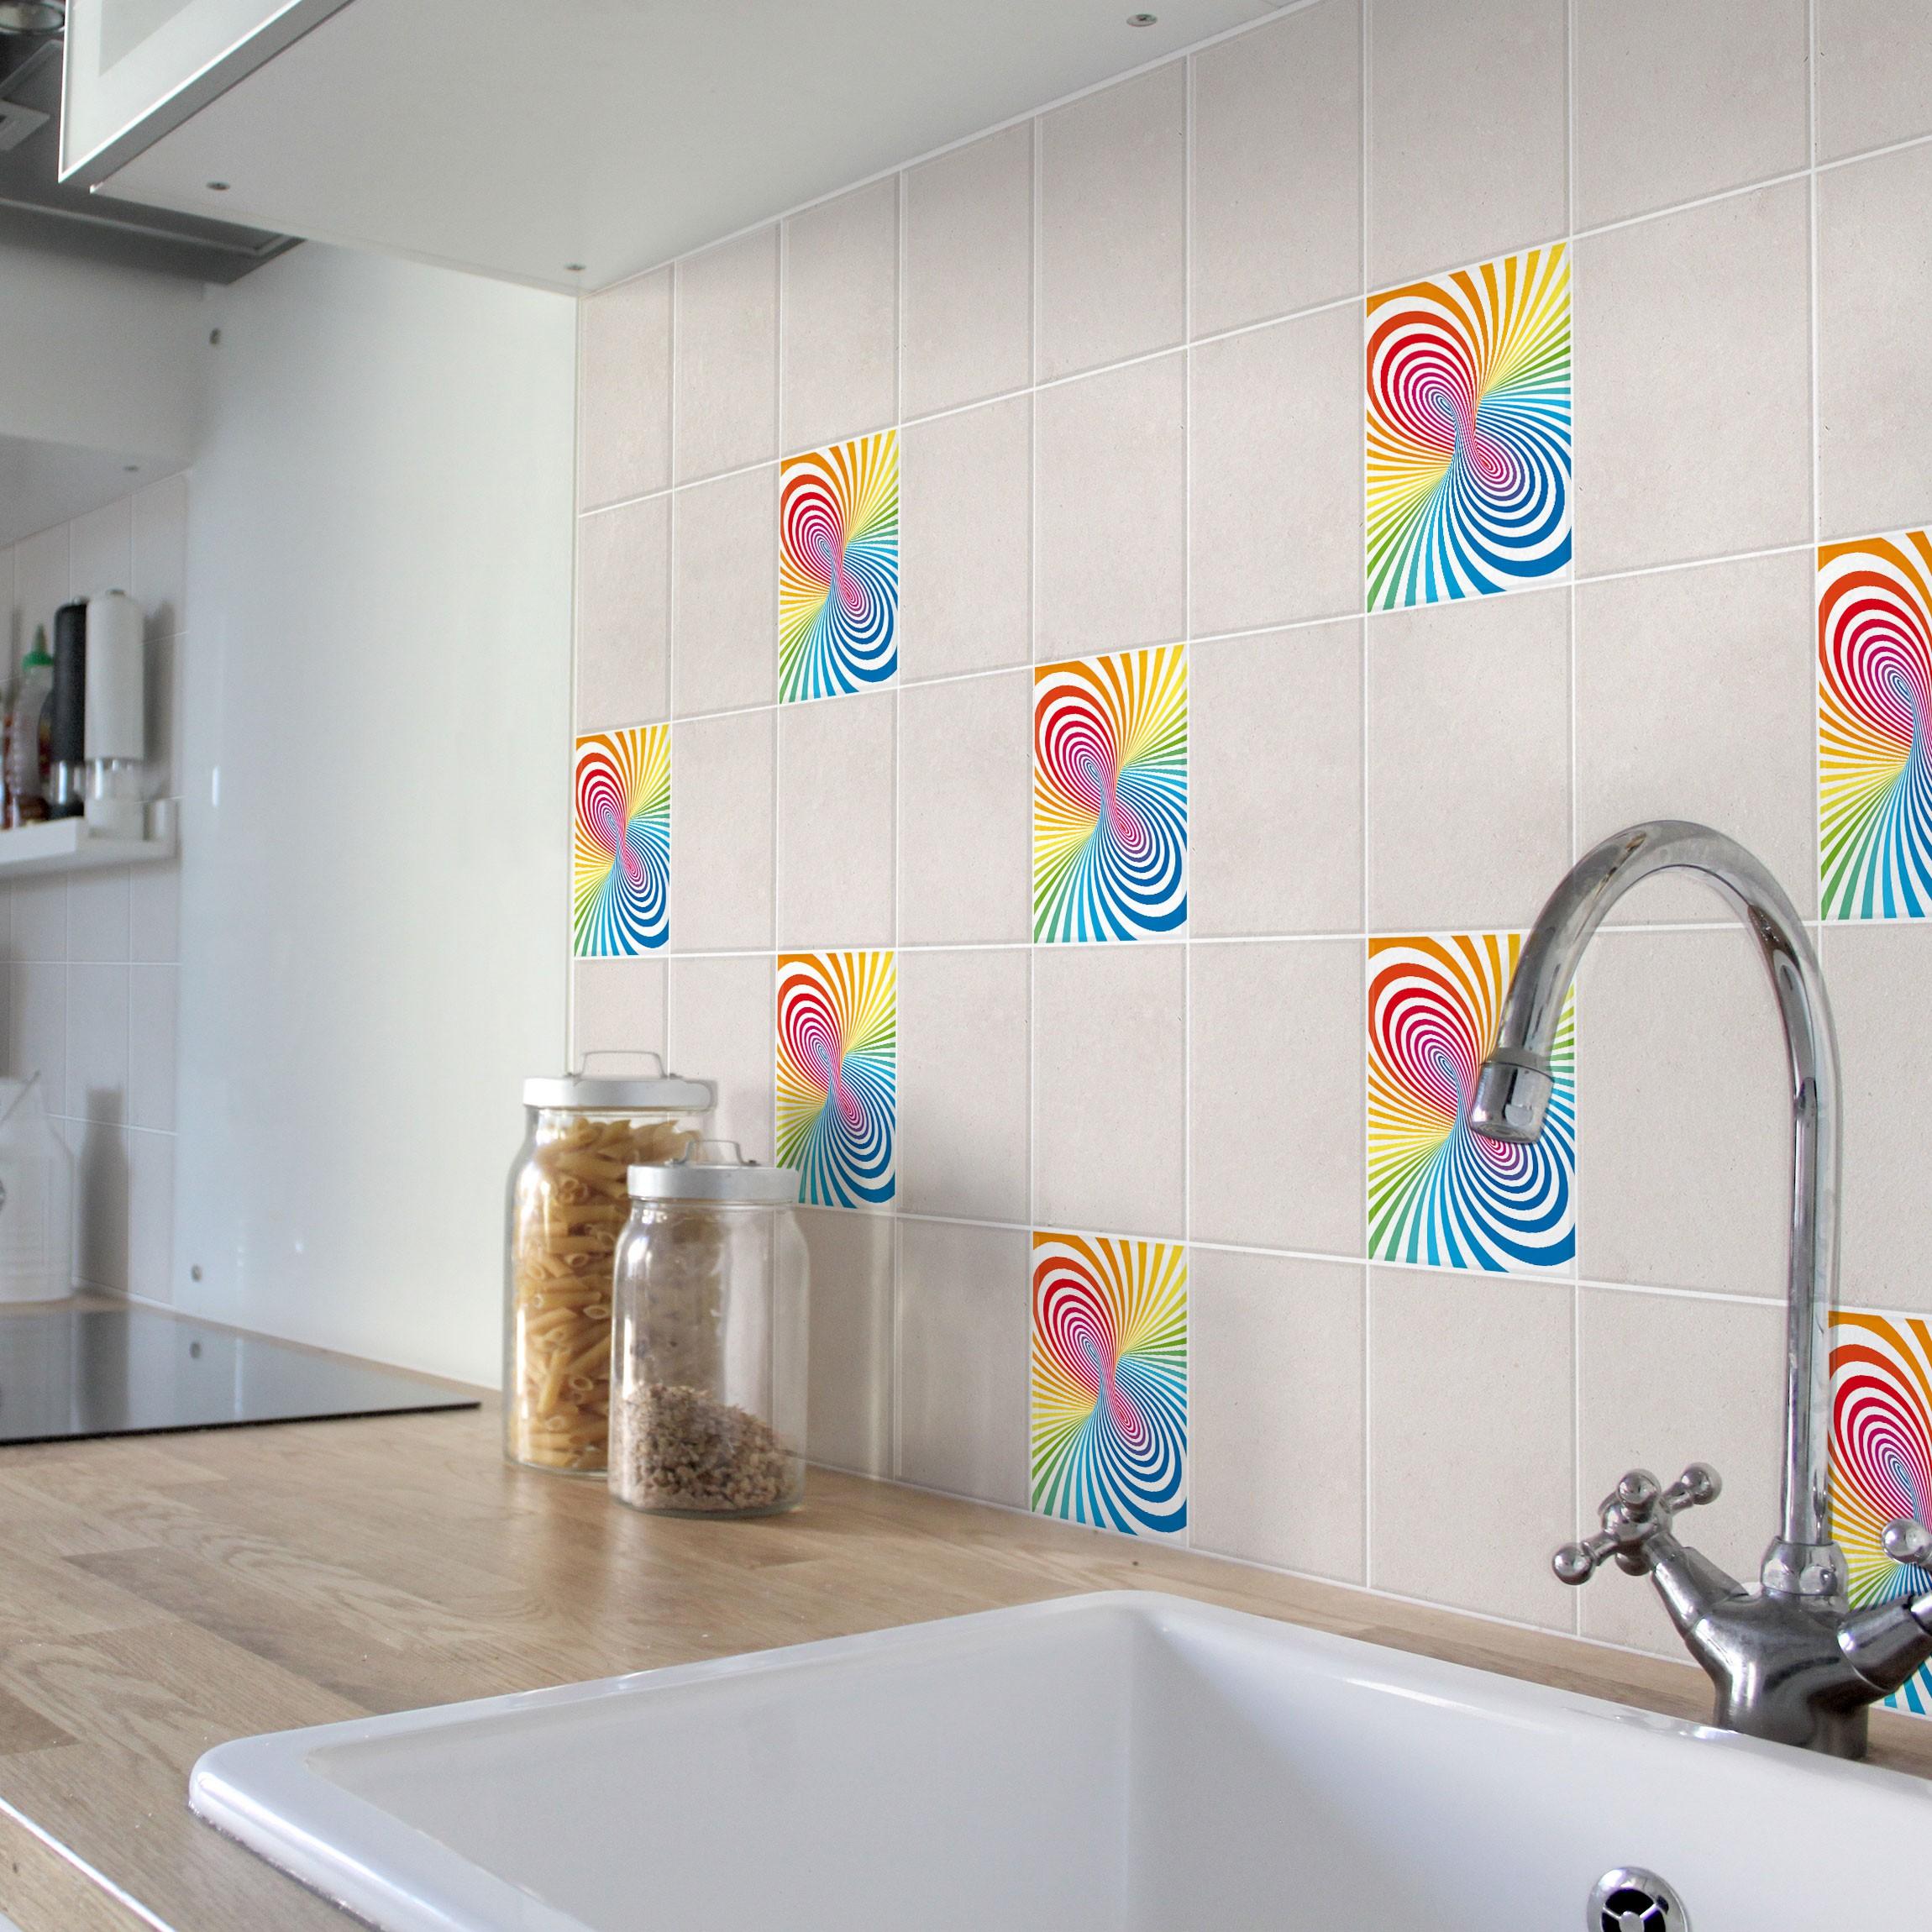 Adesivo Per Piastrelle Splashes Of Colour 15cm X 15cm